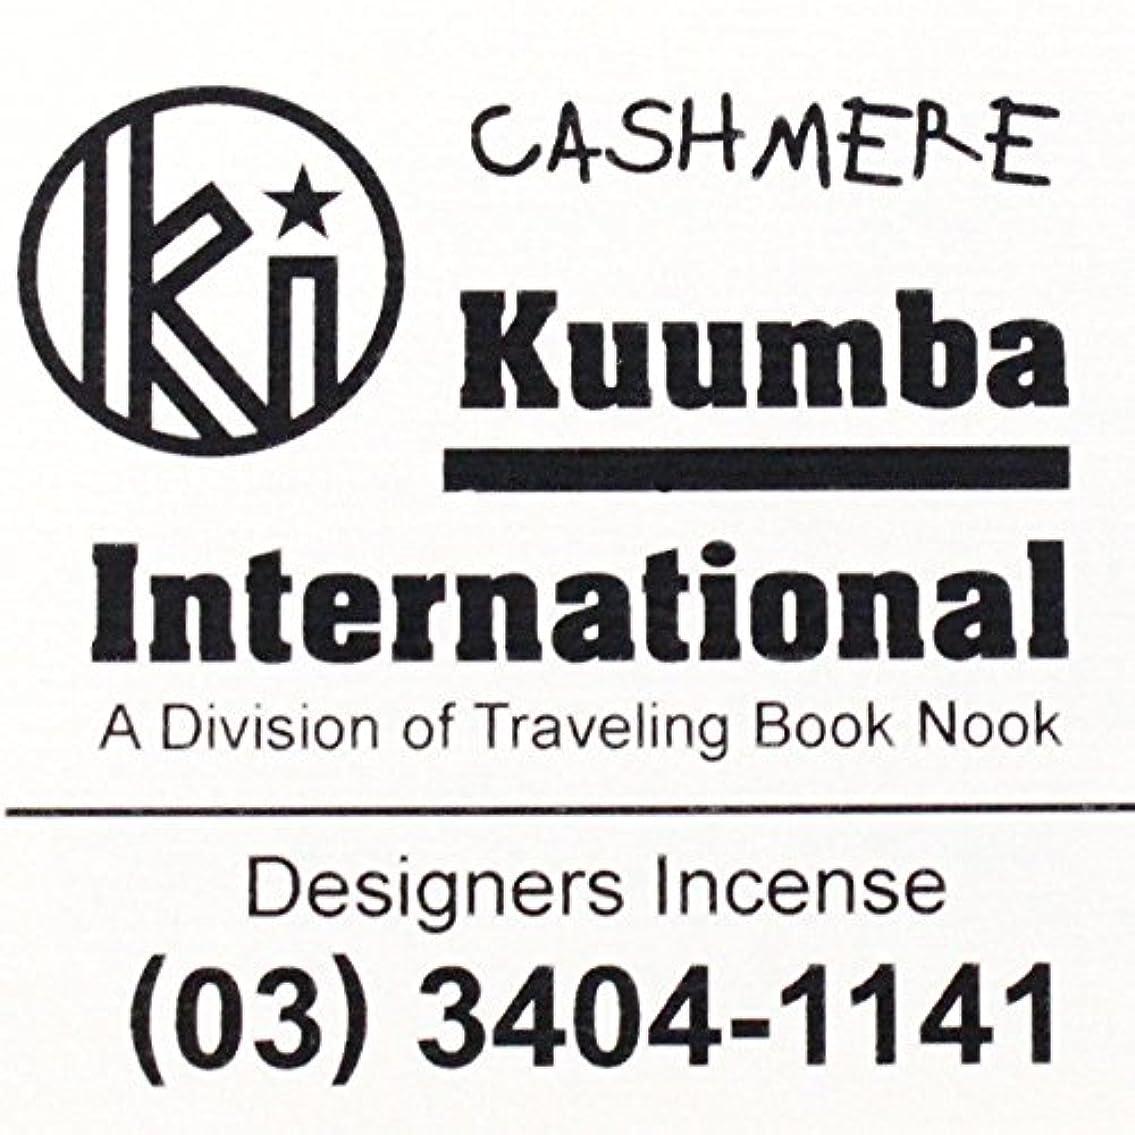 好奇心満州燃やす(クンバ) KUUMBA『incense』(CASHMERE) (Regular size)